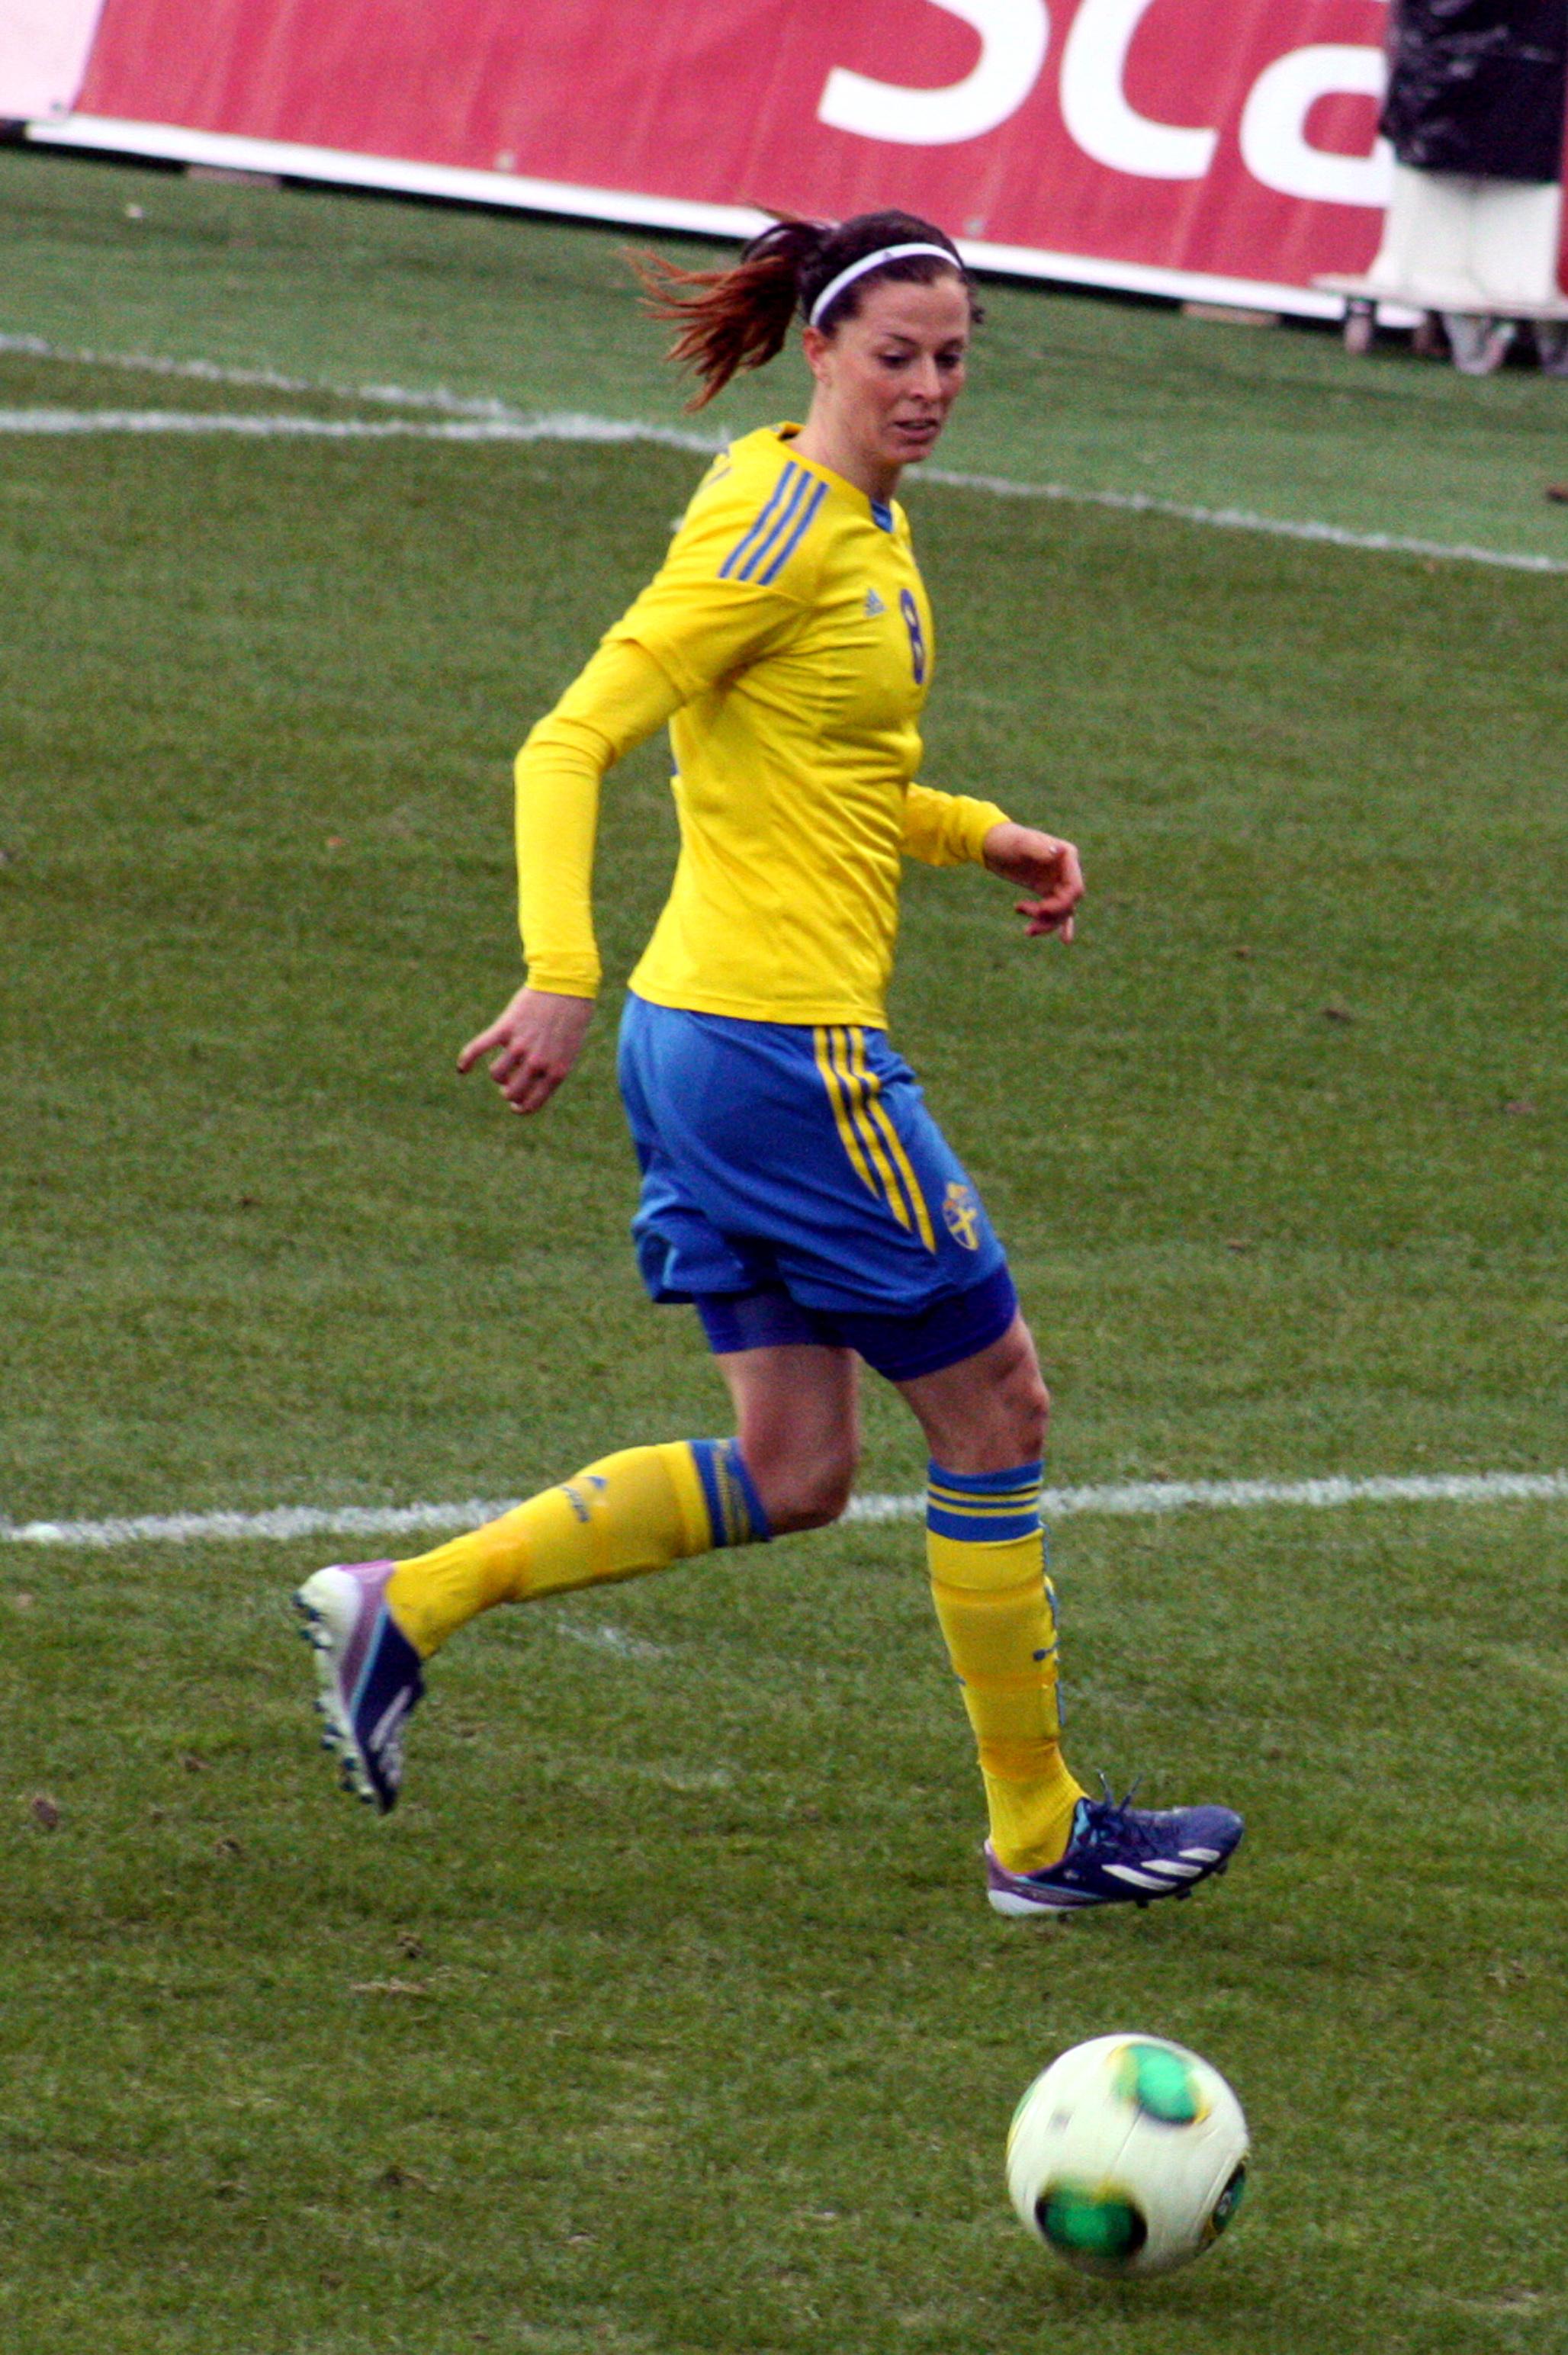 Johanna Frändén  cb429bdcdadb1